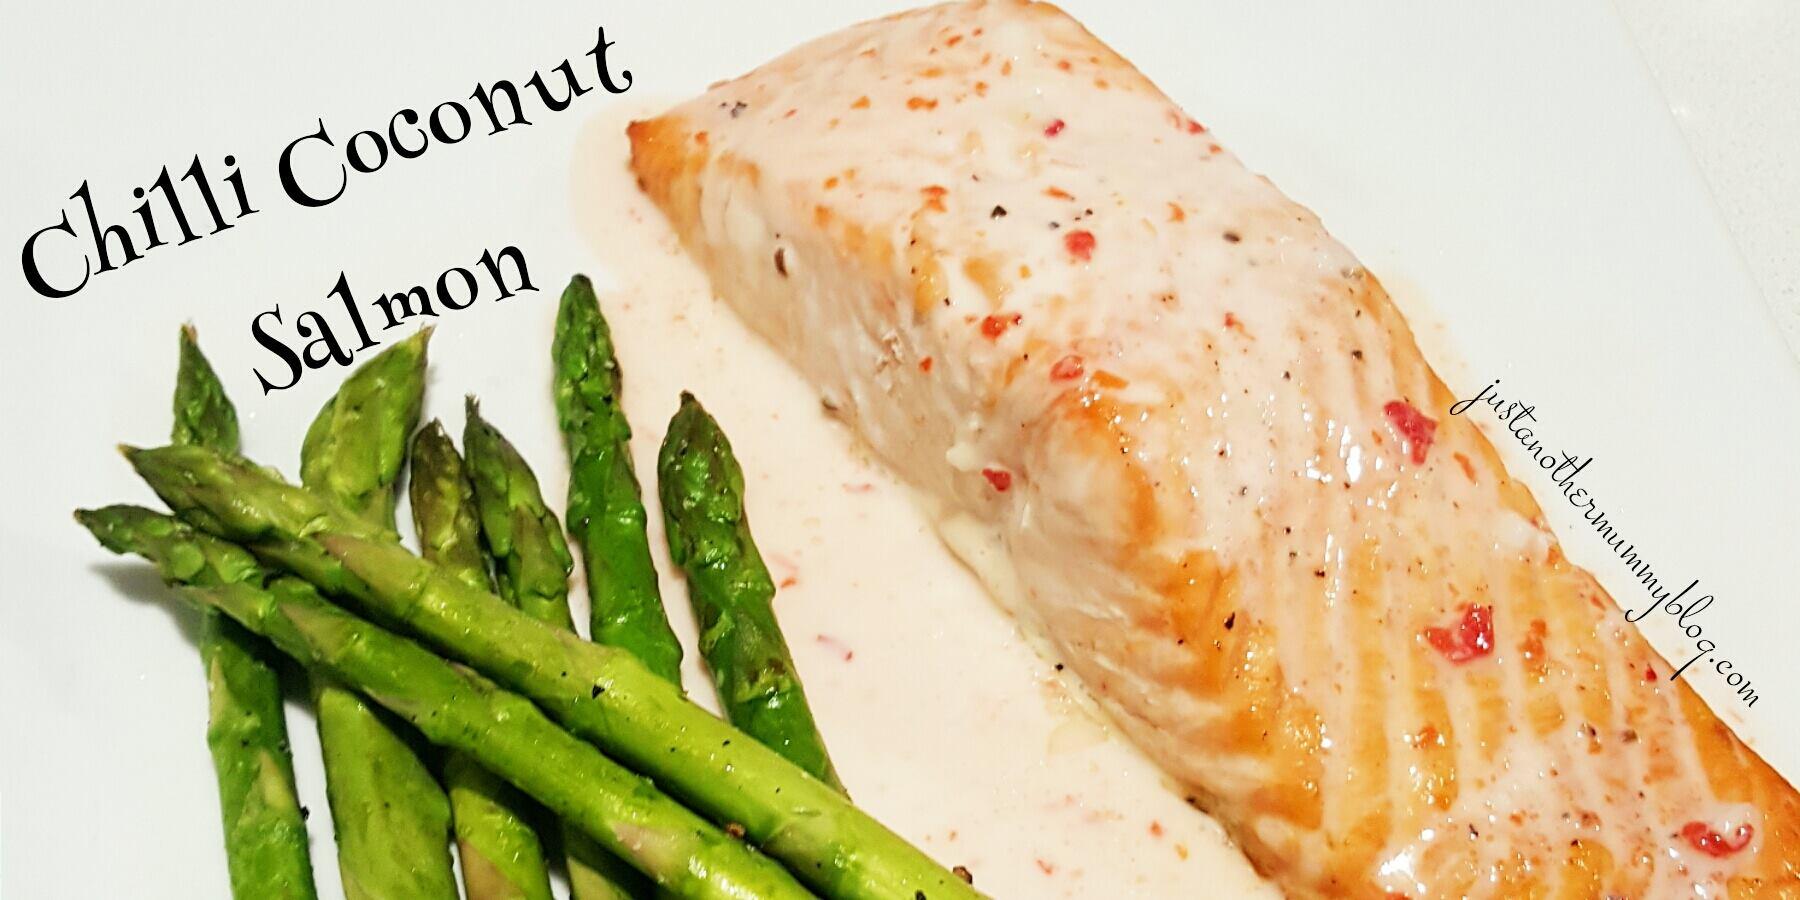 Chilli Coconut Salmon